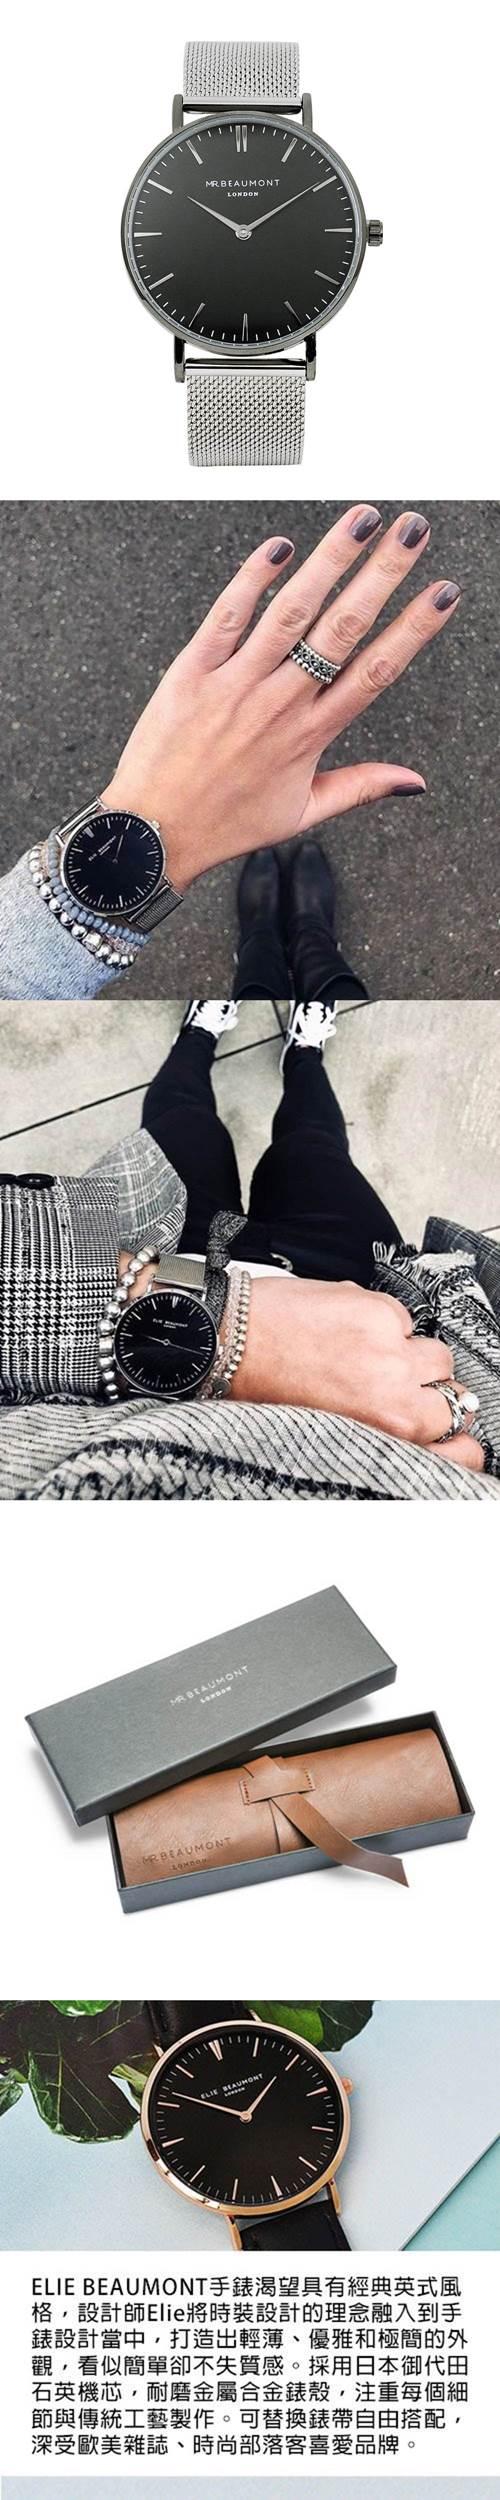 (複製)Elie Beaumont 英國時尚手錶 牛津米蘭錶帶系列 白錶盤x銀色錶帶錶框41mm